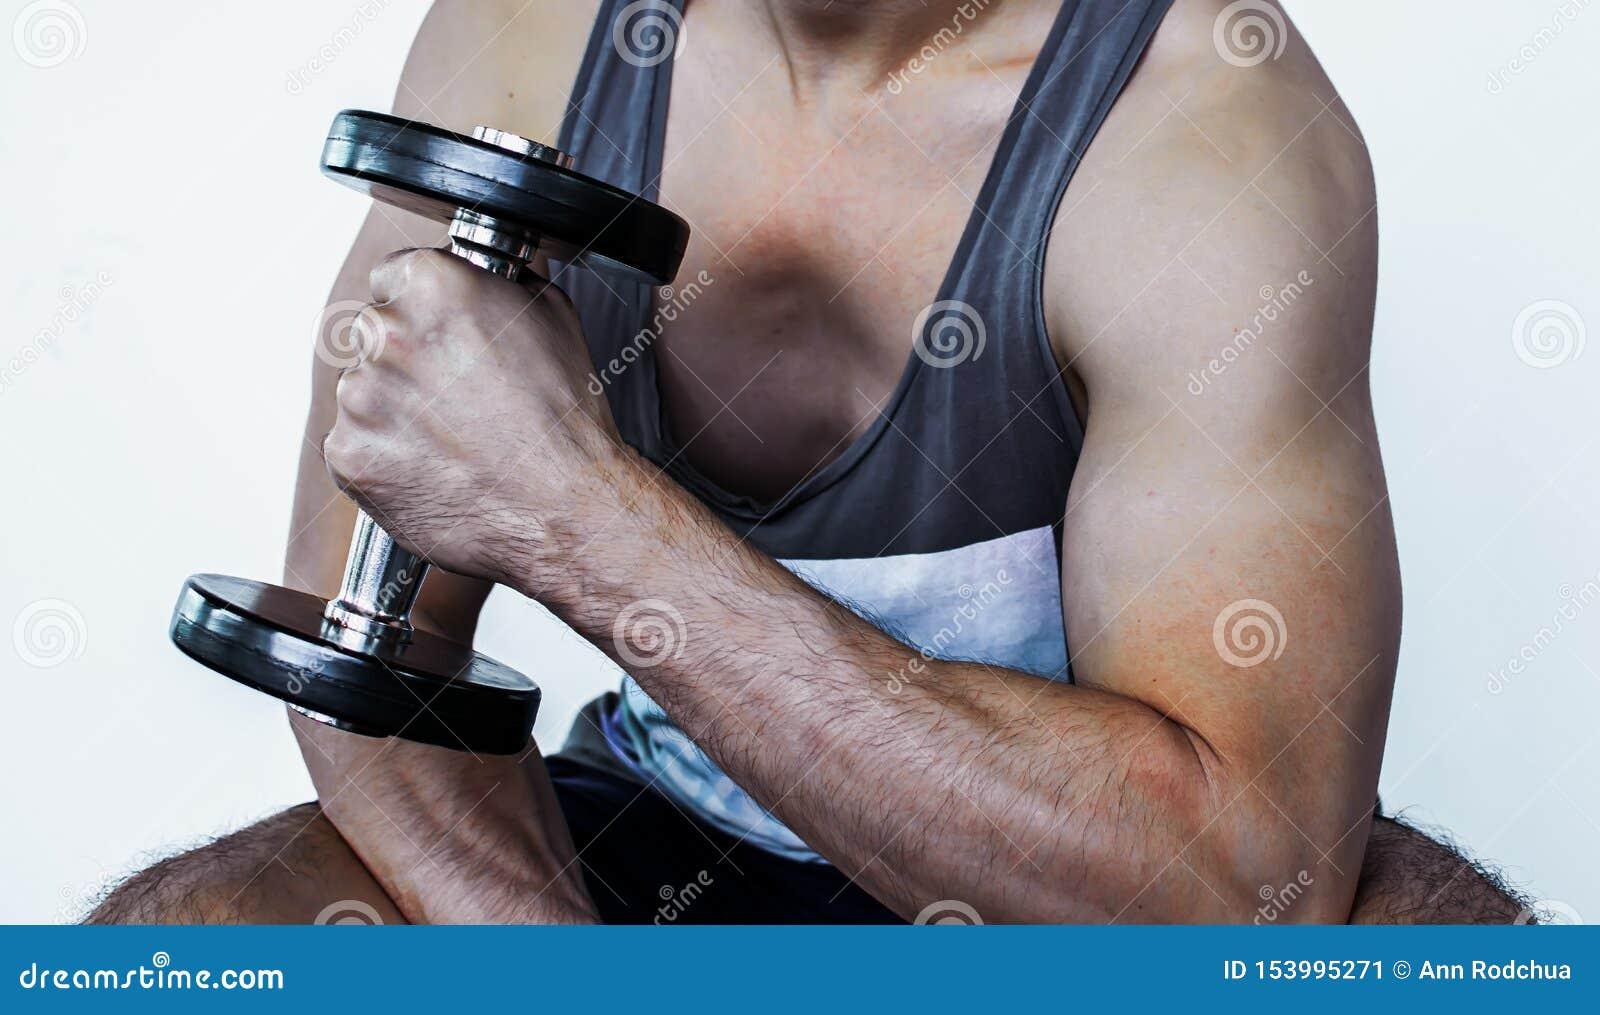 Kroppsdel och muskel av en man med hanteln